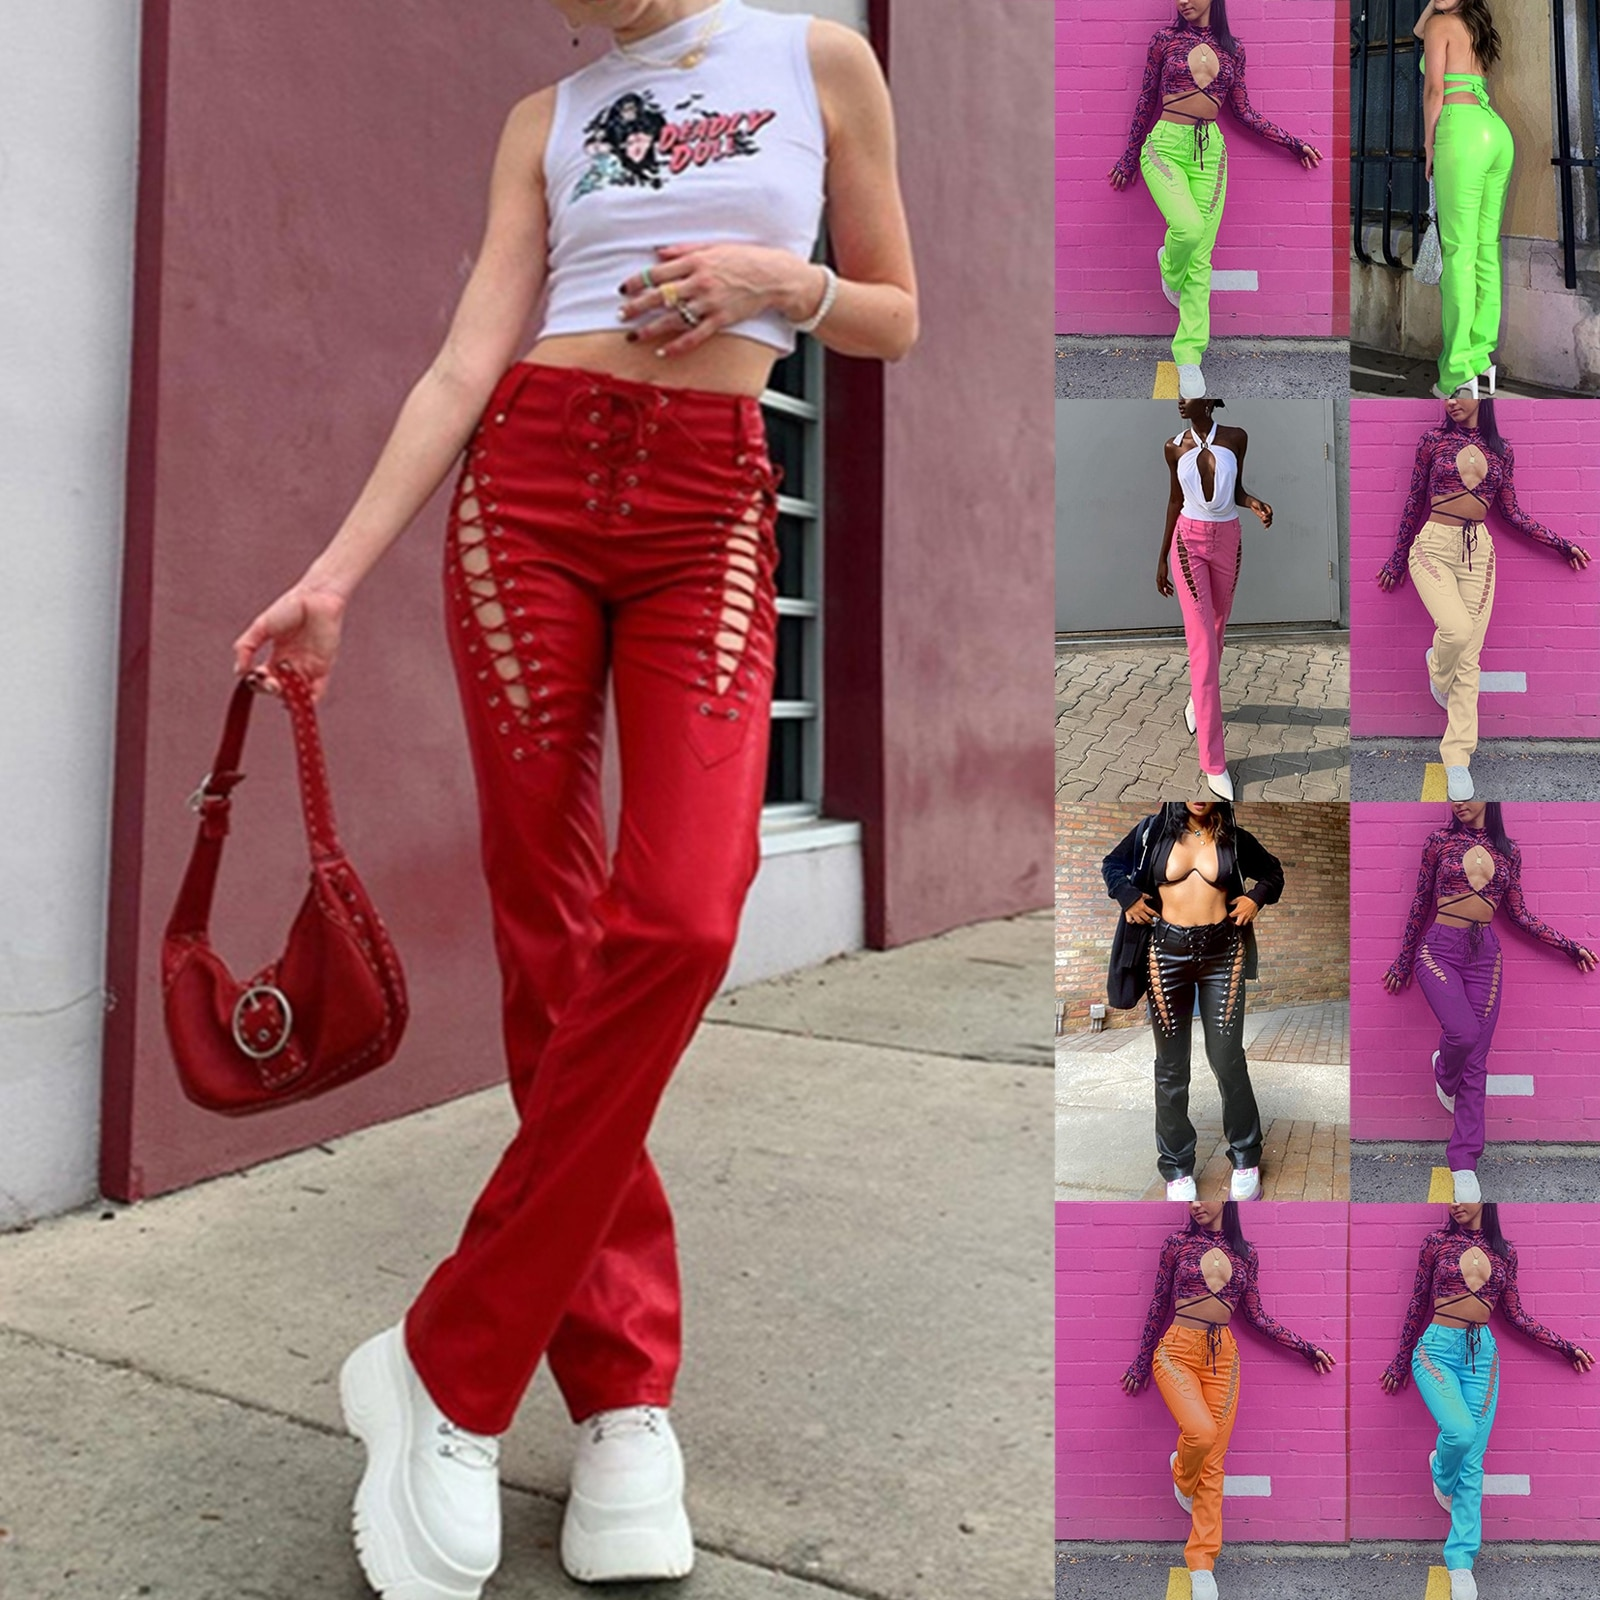 Женские облегающие прямые повседневные брюки, модные однотонные кожаные брюки с завышенной талией диваны кожаные прямые трехместные раскладные